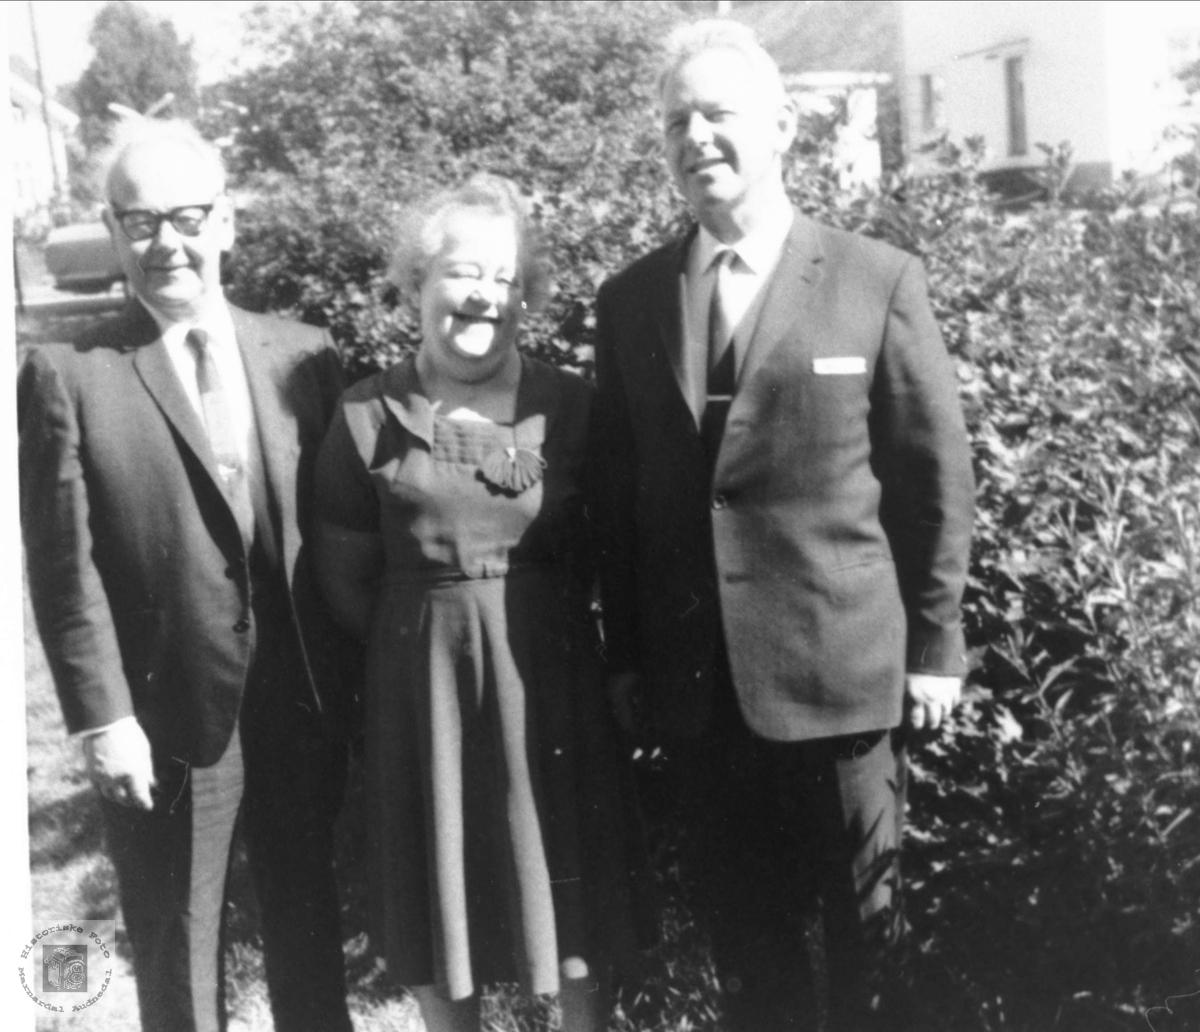 Portrett av tre søsken, Tobias, Tarjerd og Olaf Trygsland, Bjelland